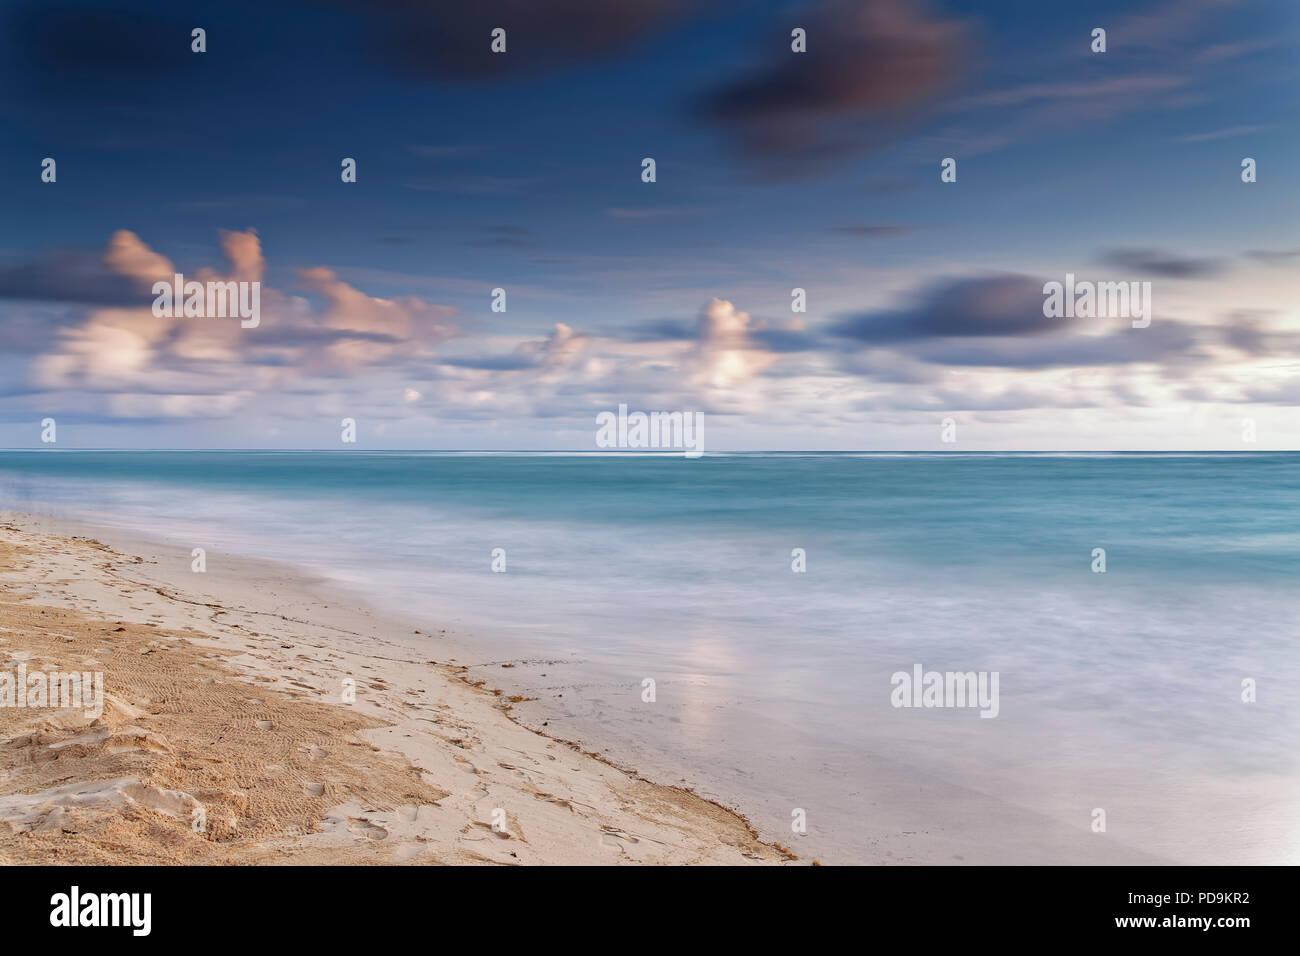 Plage de sable, mer avec ciel nuageux, Playa Bavaro, Océan Atlantique, Punta Cana, République Dominicaine Photo Stock